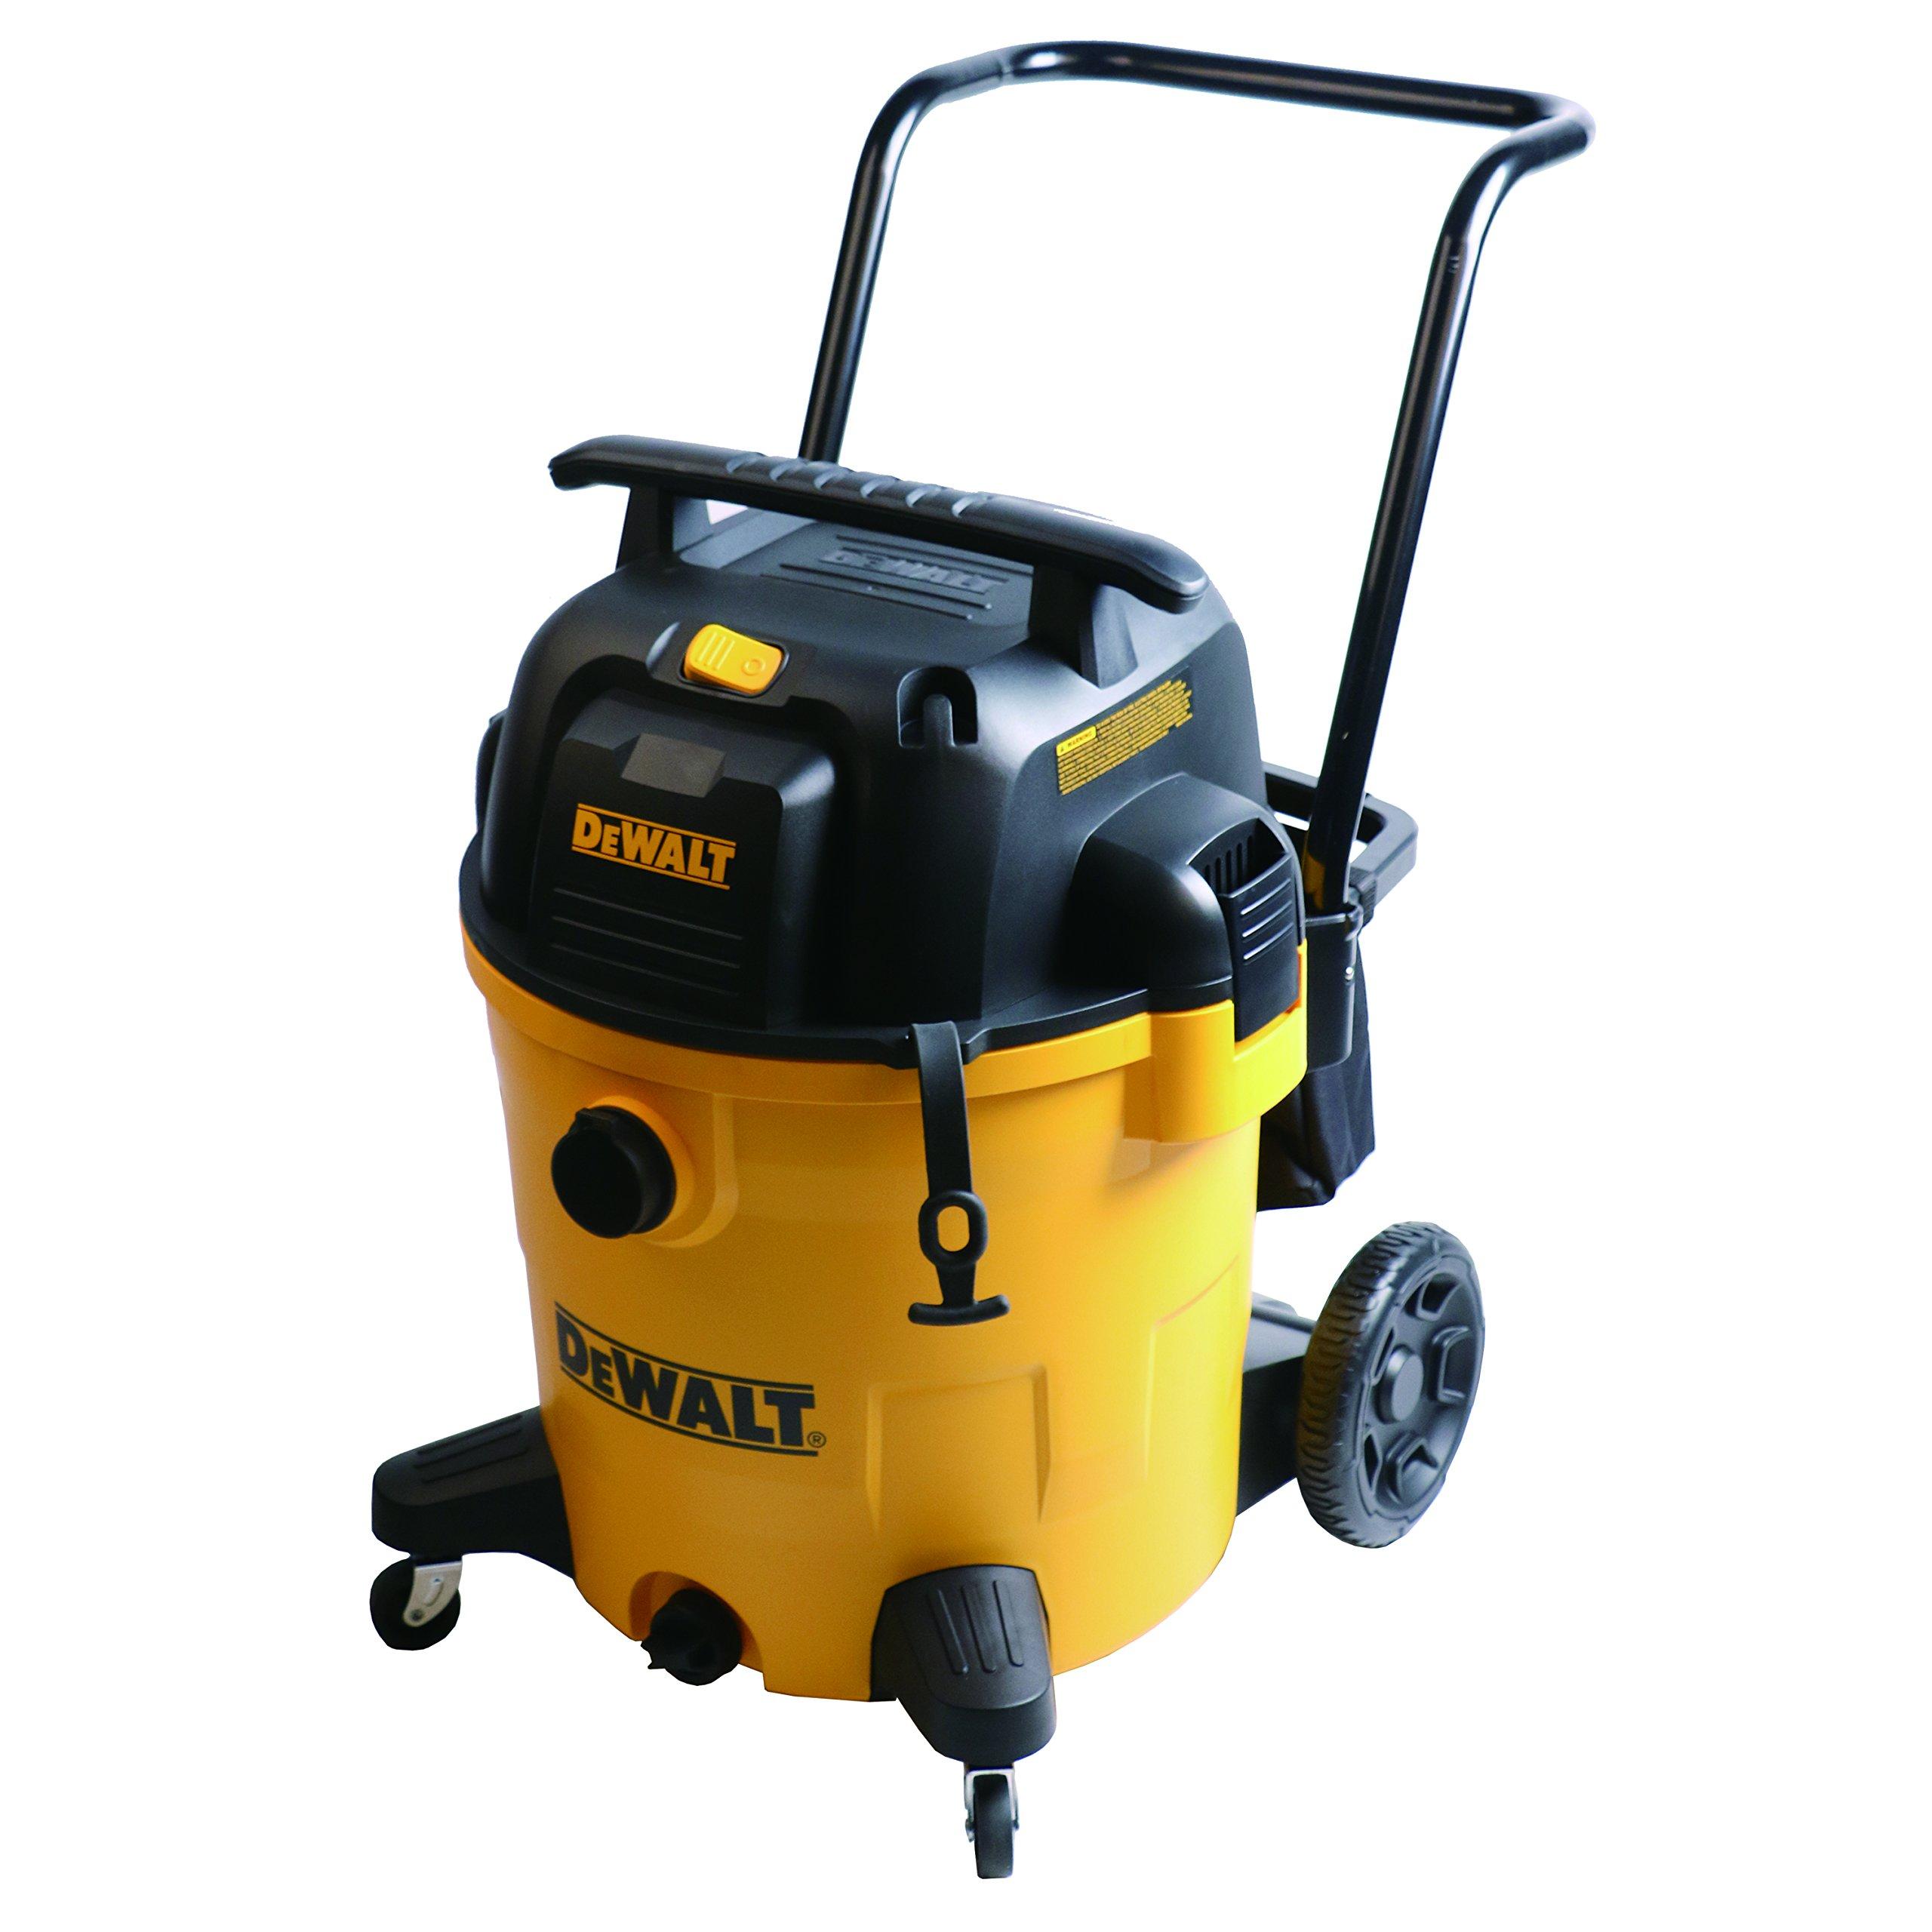 DeWALT 16 Gallon Poly Wet/Dry vac/Acc by DEWALT (Image #1)